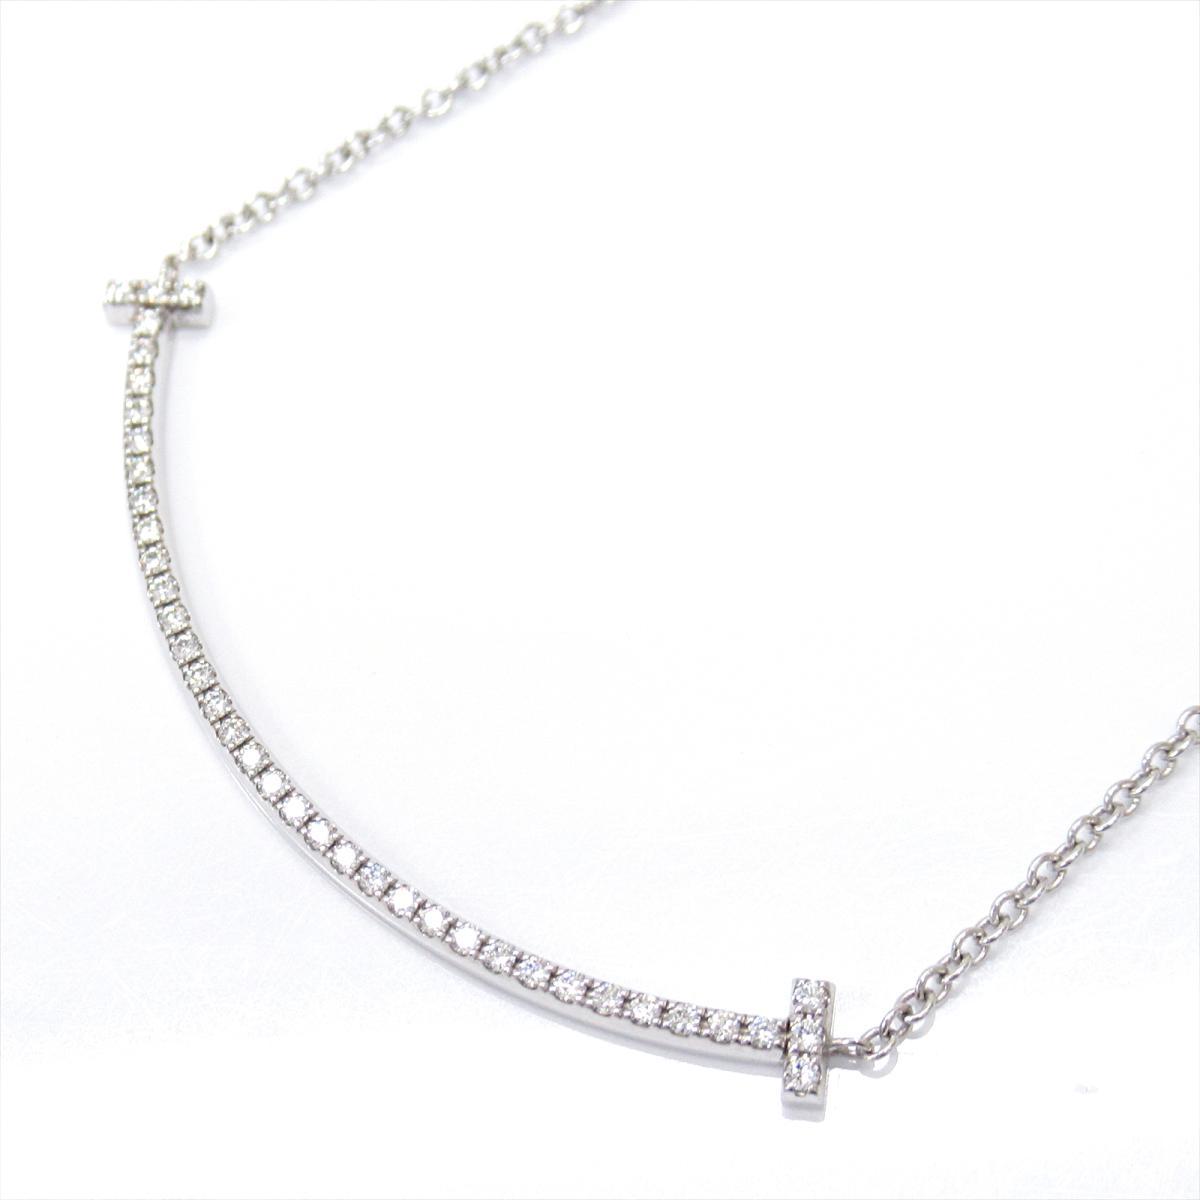 【中古】 ティファニー Tスマイル ダイヤモンド ネックレス レディース K18WG (750) ホワイトゴールド x | TIFFANY&CO BRANDOFF ブランドオフ ブランド アクセサリー ペンダント